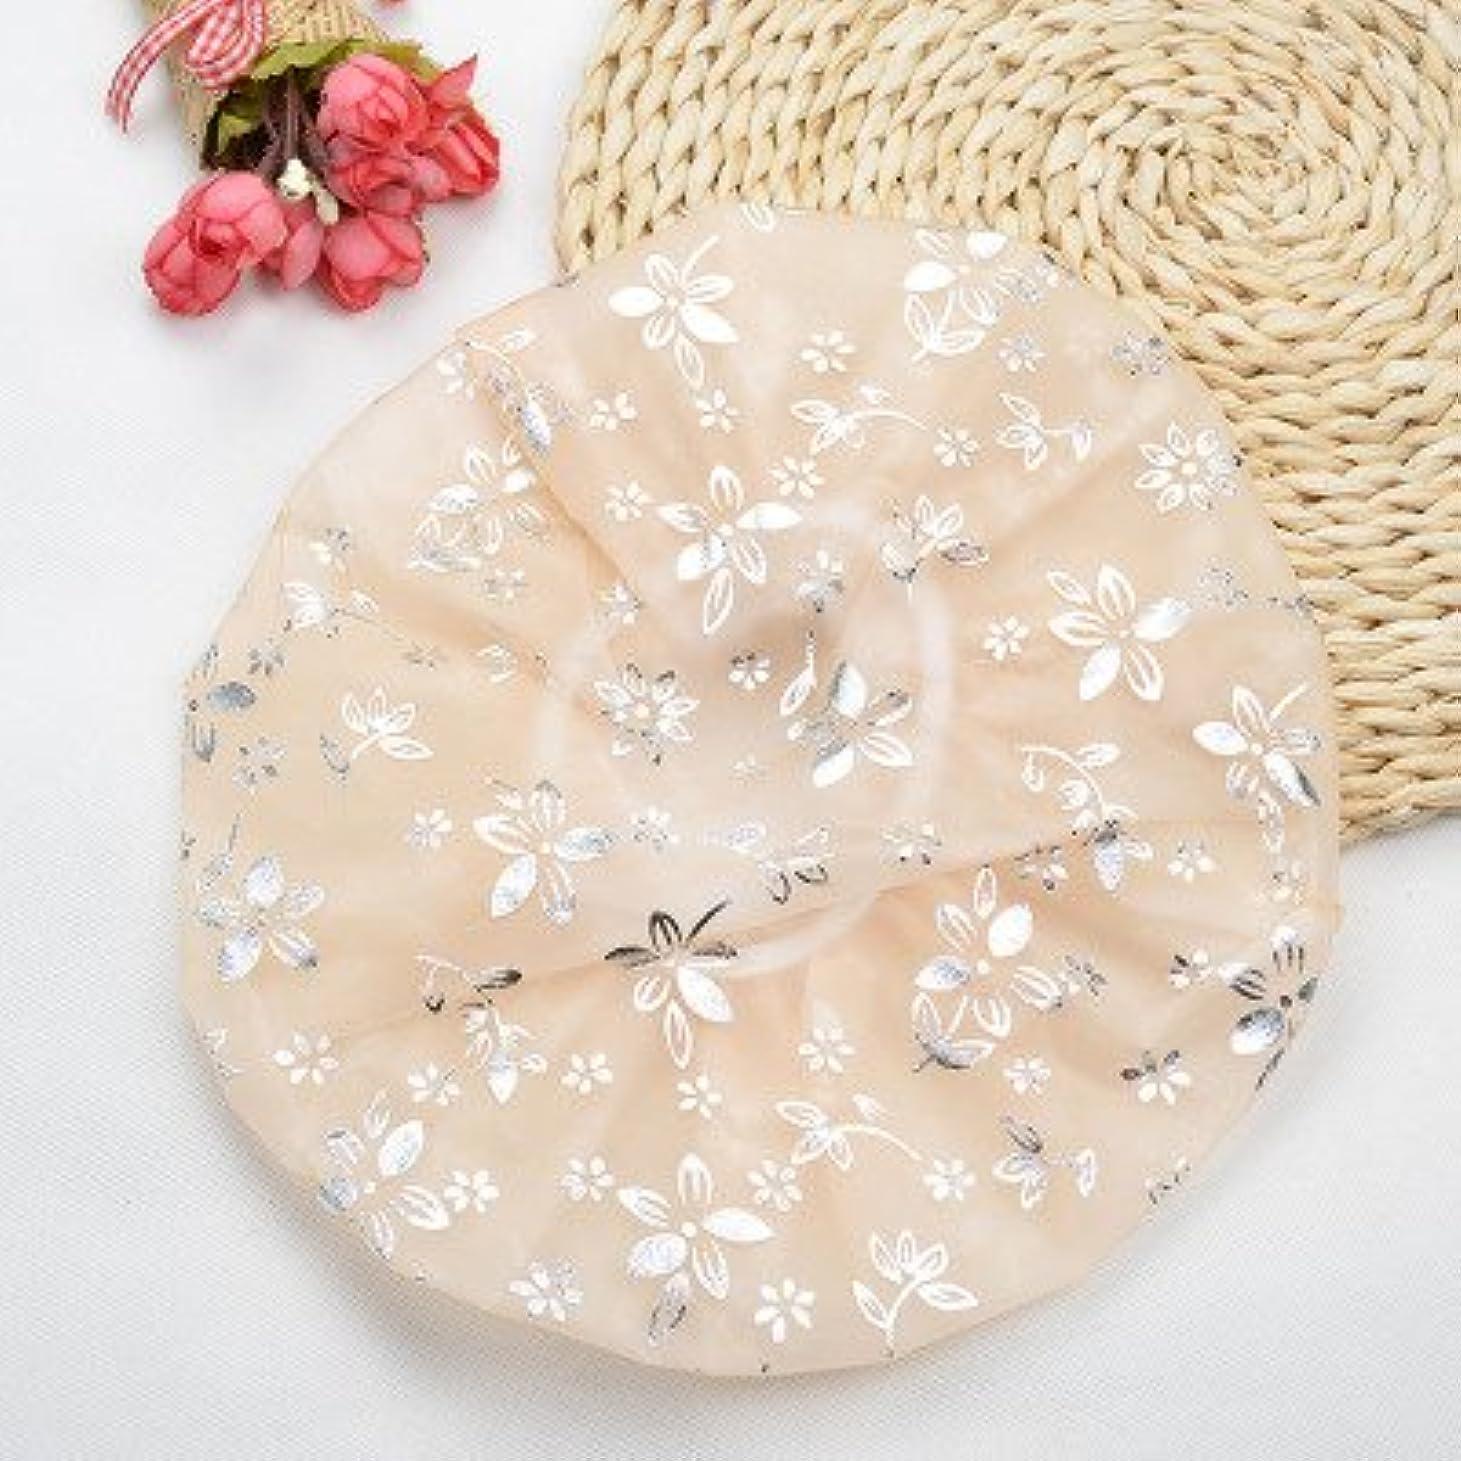 熱対応サバントMaltose 防水シャワーキャップ 弾性 入浴キャップ帽子 シャワー用に ヘアキャップ ヘアーターバン 再使用可能 浴びる 便利 2枚セット